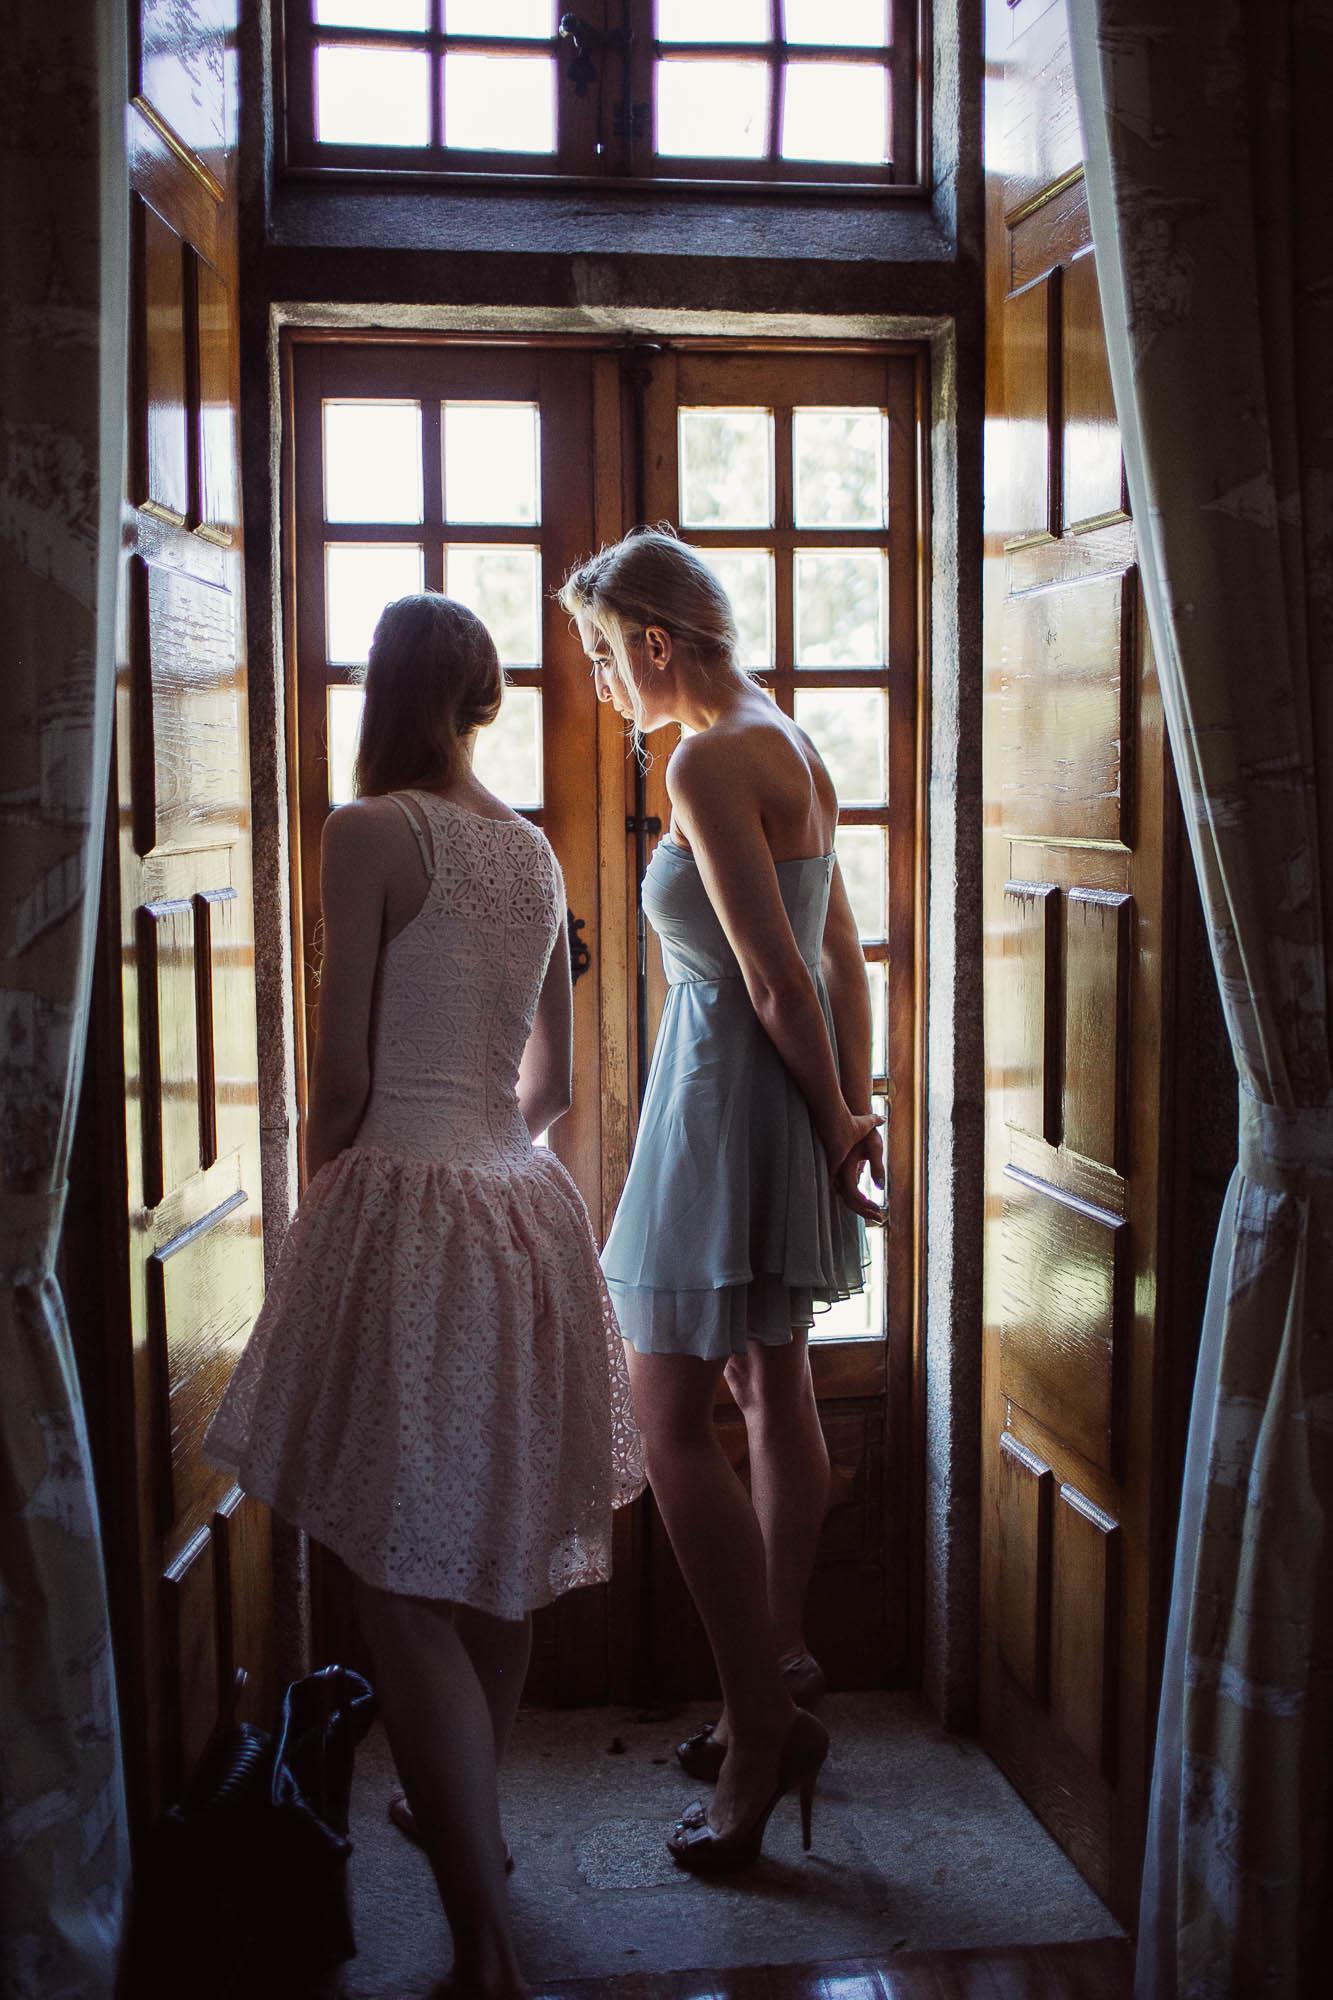 Las amigas de la novia esperando por fuera de la habitación a que ella se vista